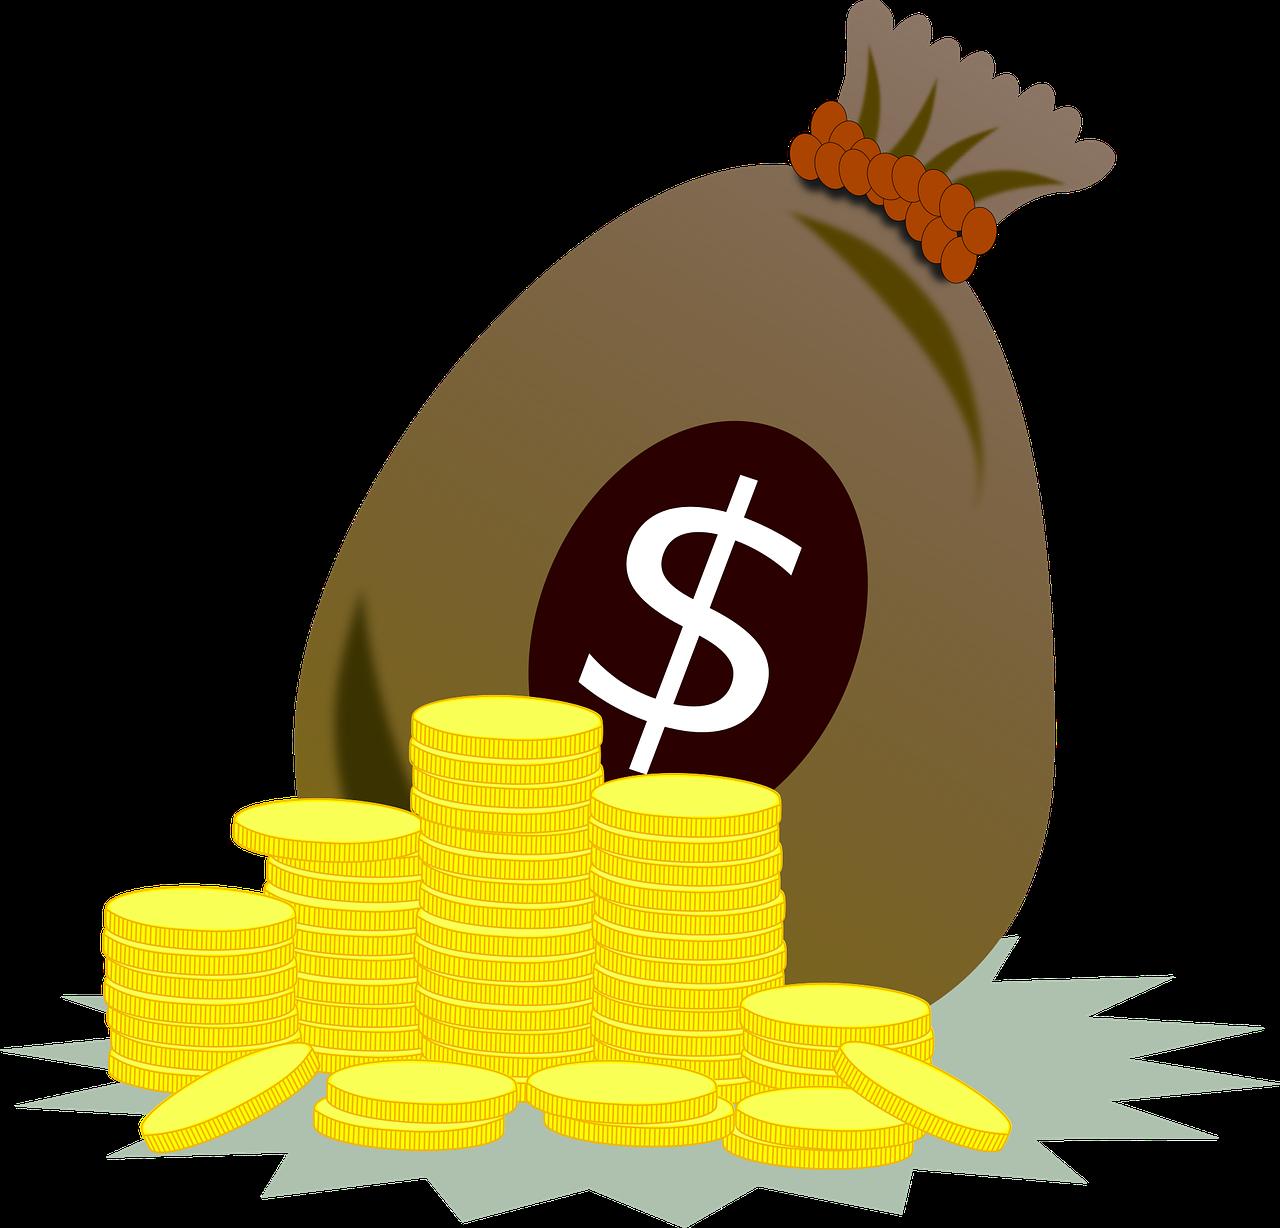 סק כסף ומטבעות